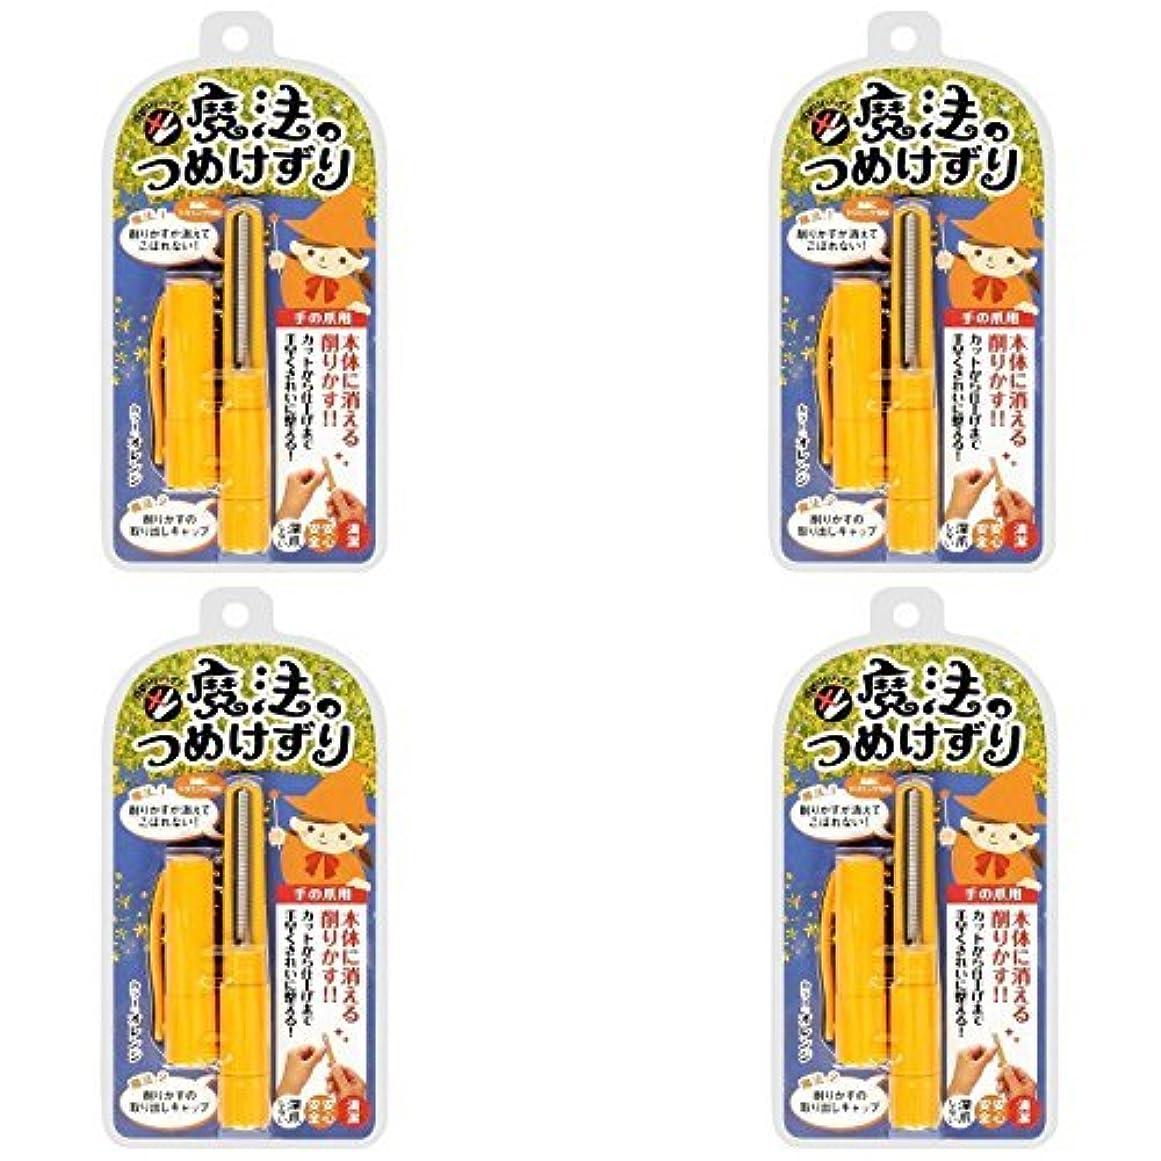 潜在的な海責任者【セット品】松本金型 魔法のつめけずり MM-090 オレンジ ×4個